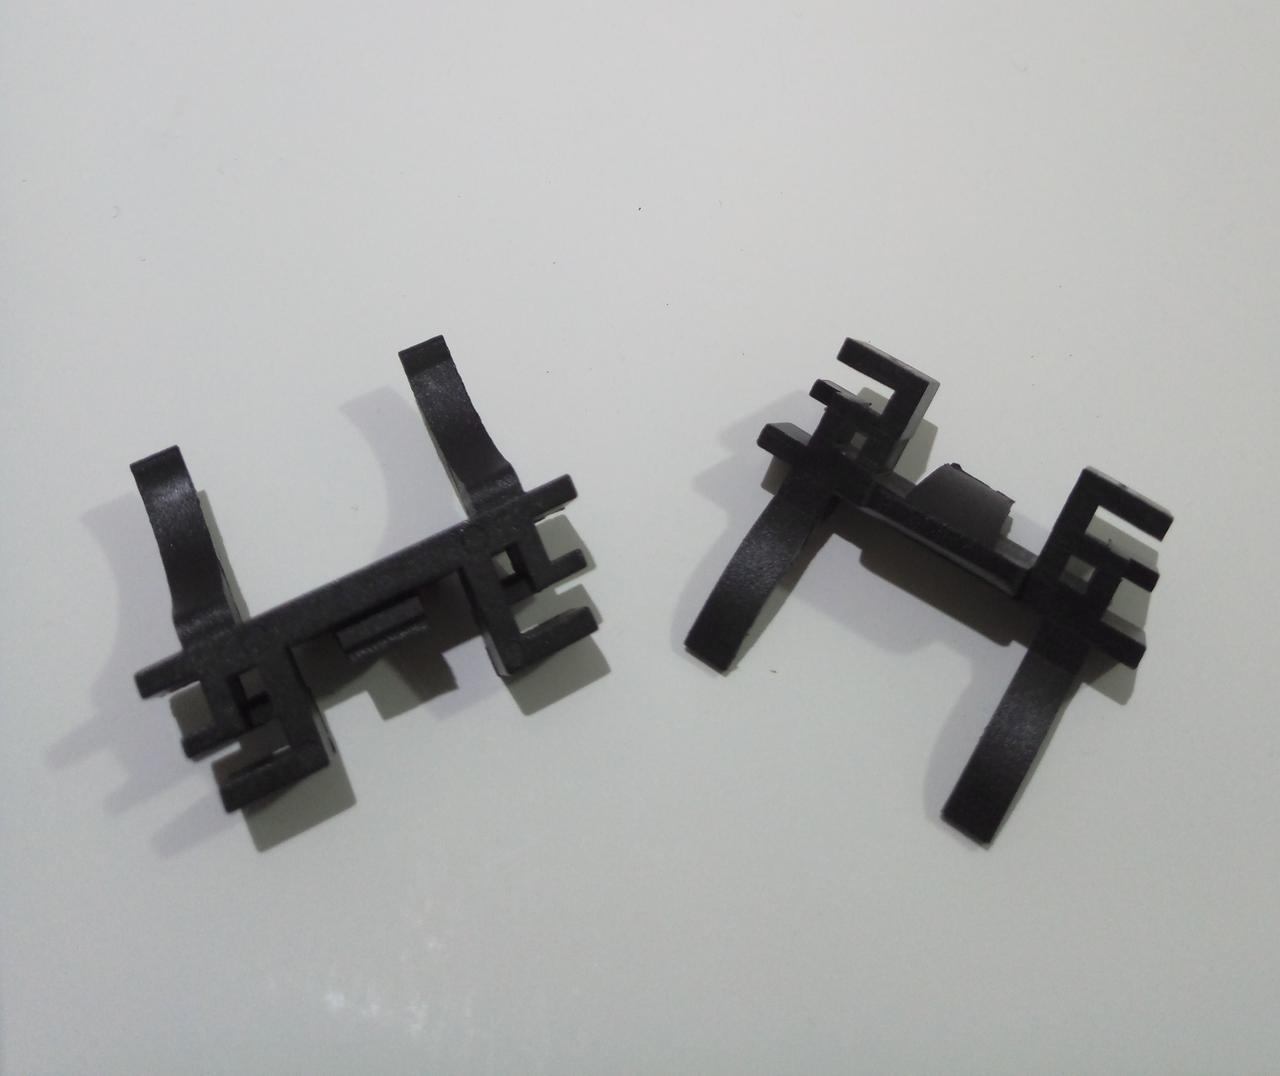 Переходник пластиковый H7 цоколь адаптер для LED и ксенона Ford Focus 2/3, Mondeo (150011)